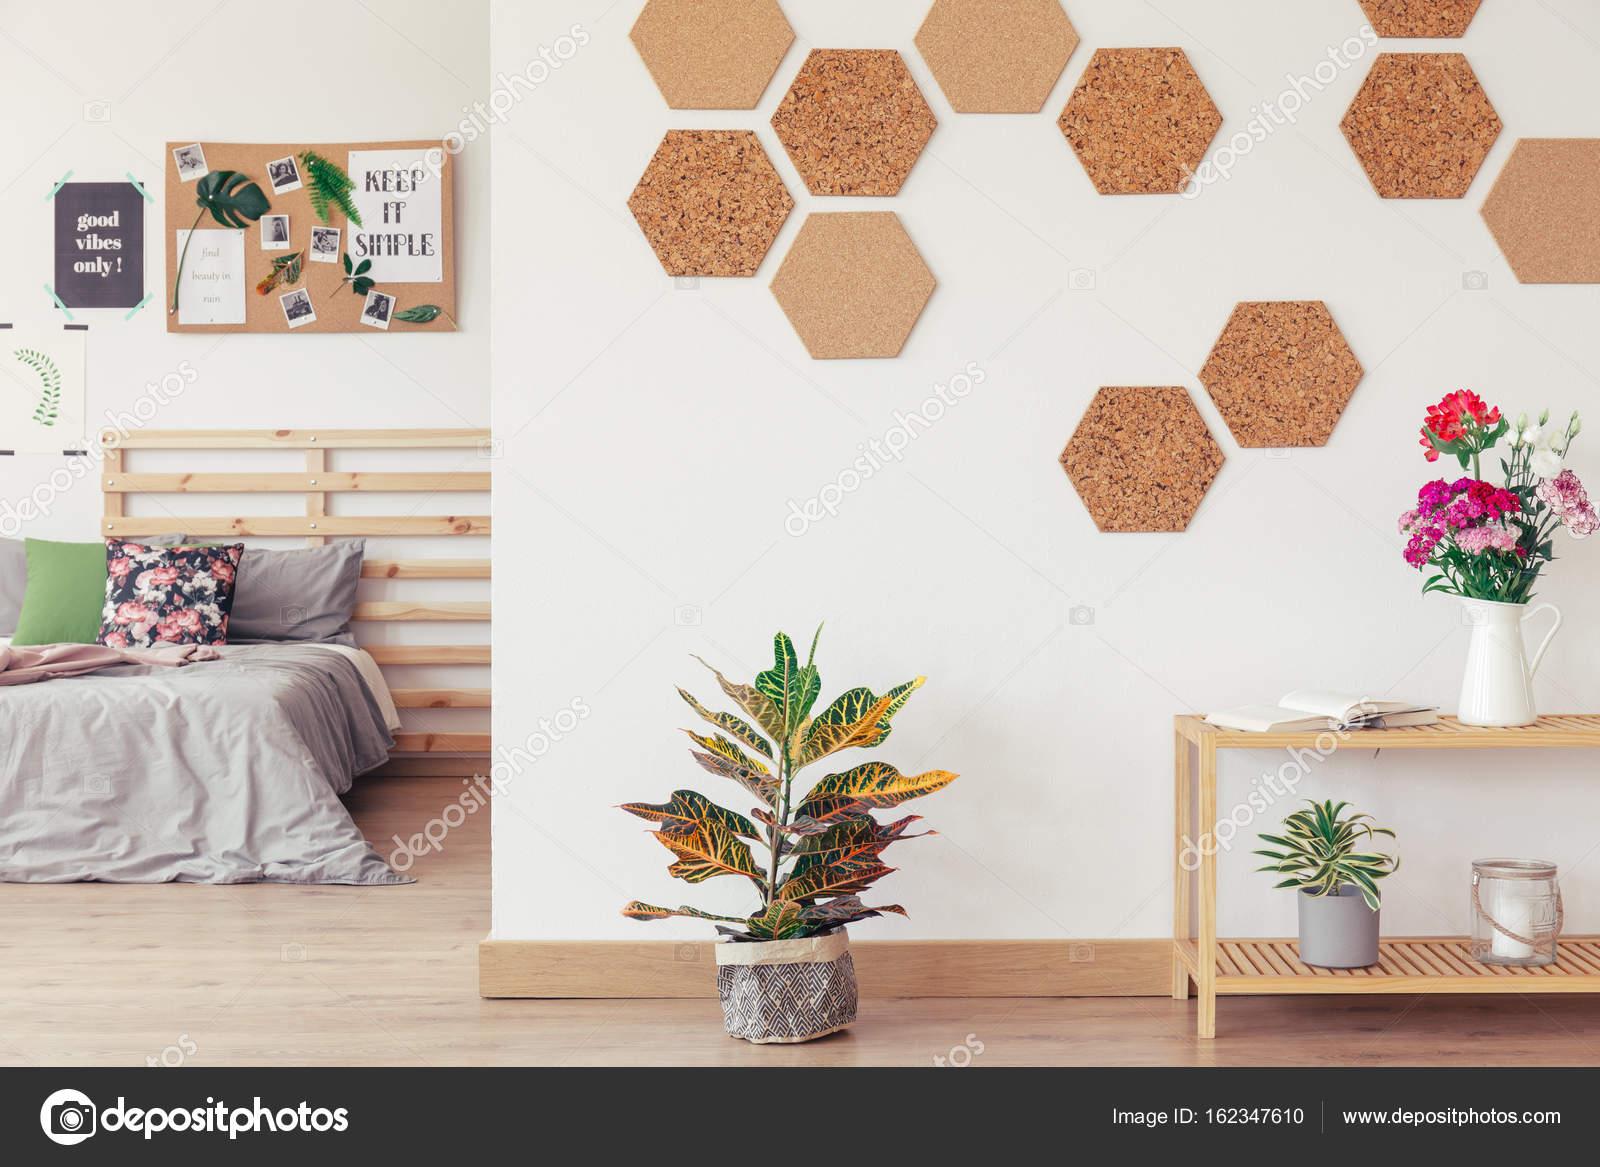 diy sechseck waben kork wand stockfoto 162347610. Black Bedroom Furniture Sets. Home Design Ideas